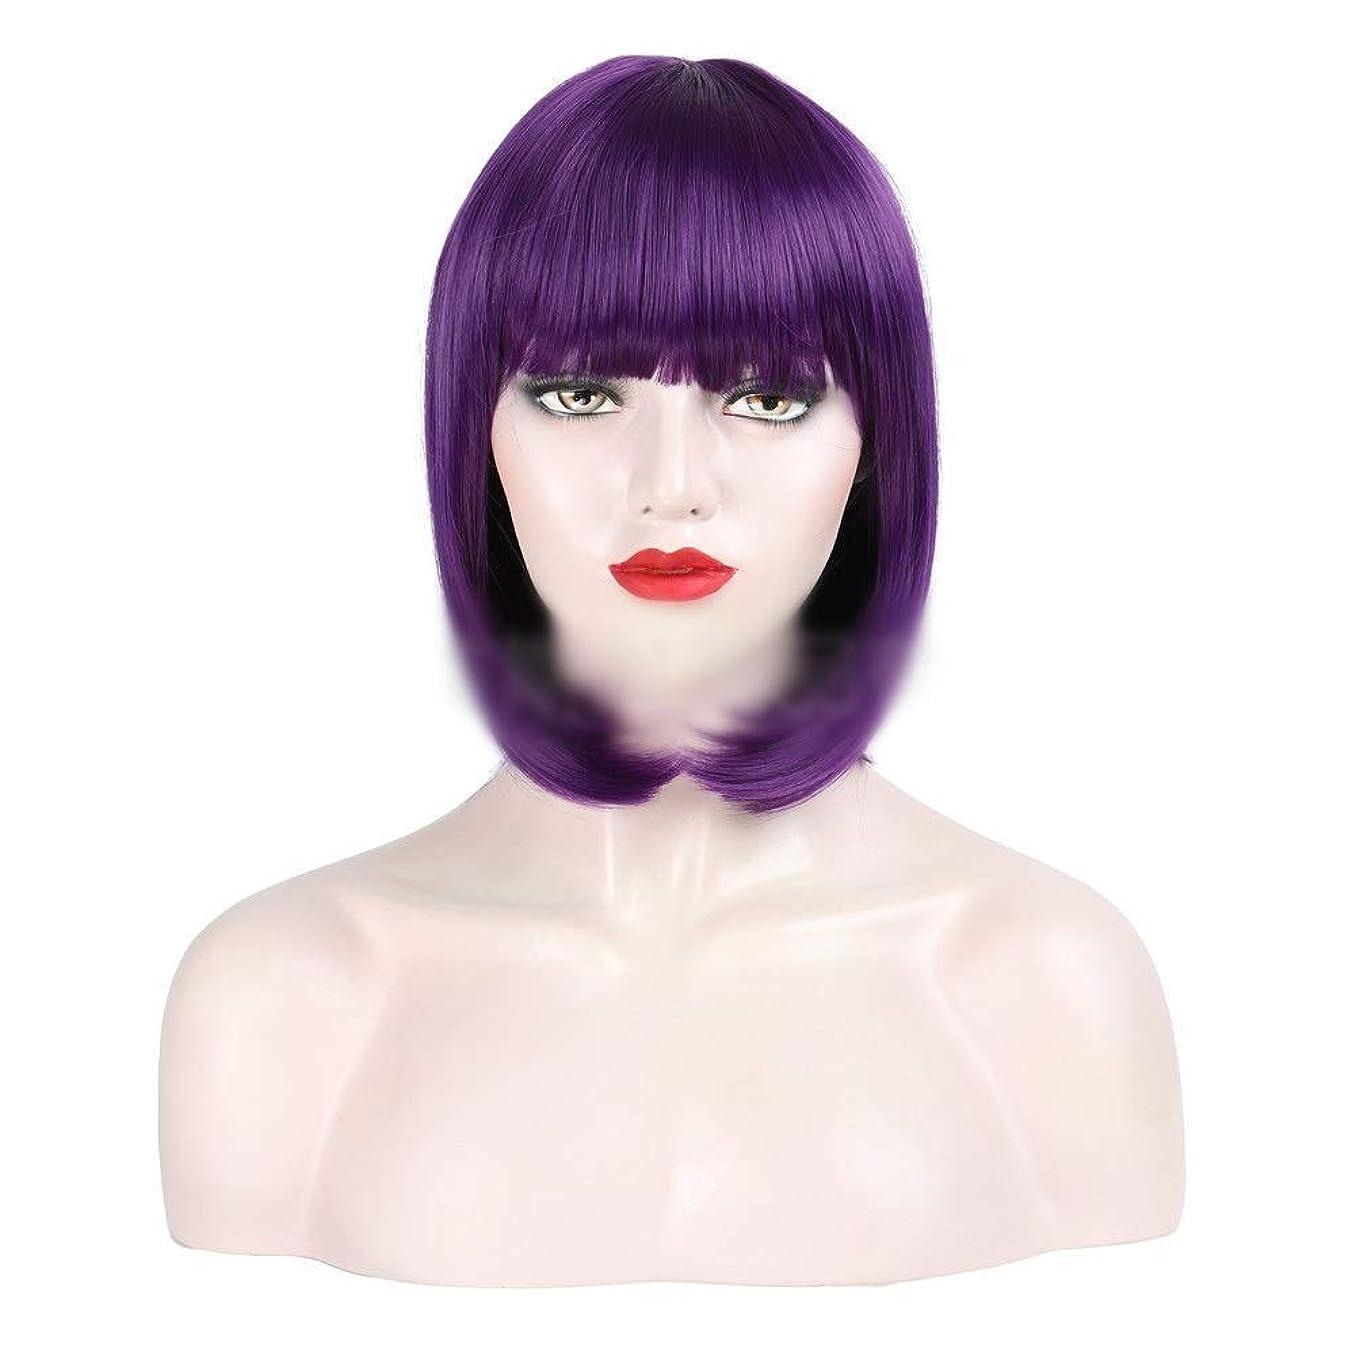 アンソロジー肉屋本物Isikawan 自然に見えるストレート女性デイリーコスプレウィッグ紫髪ボブかつら女性のための短い髪前髪付き (色 : Purple)